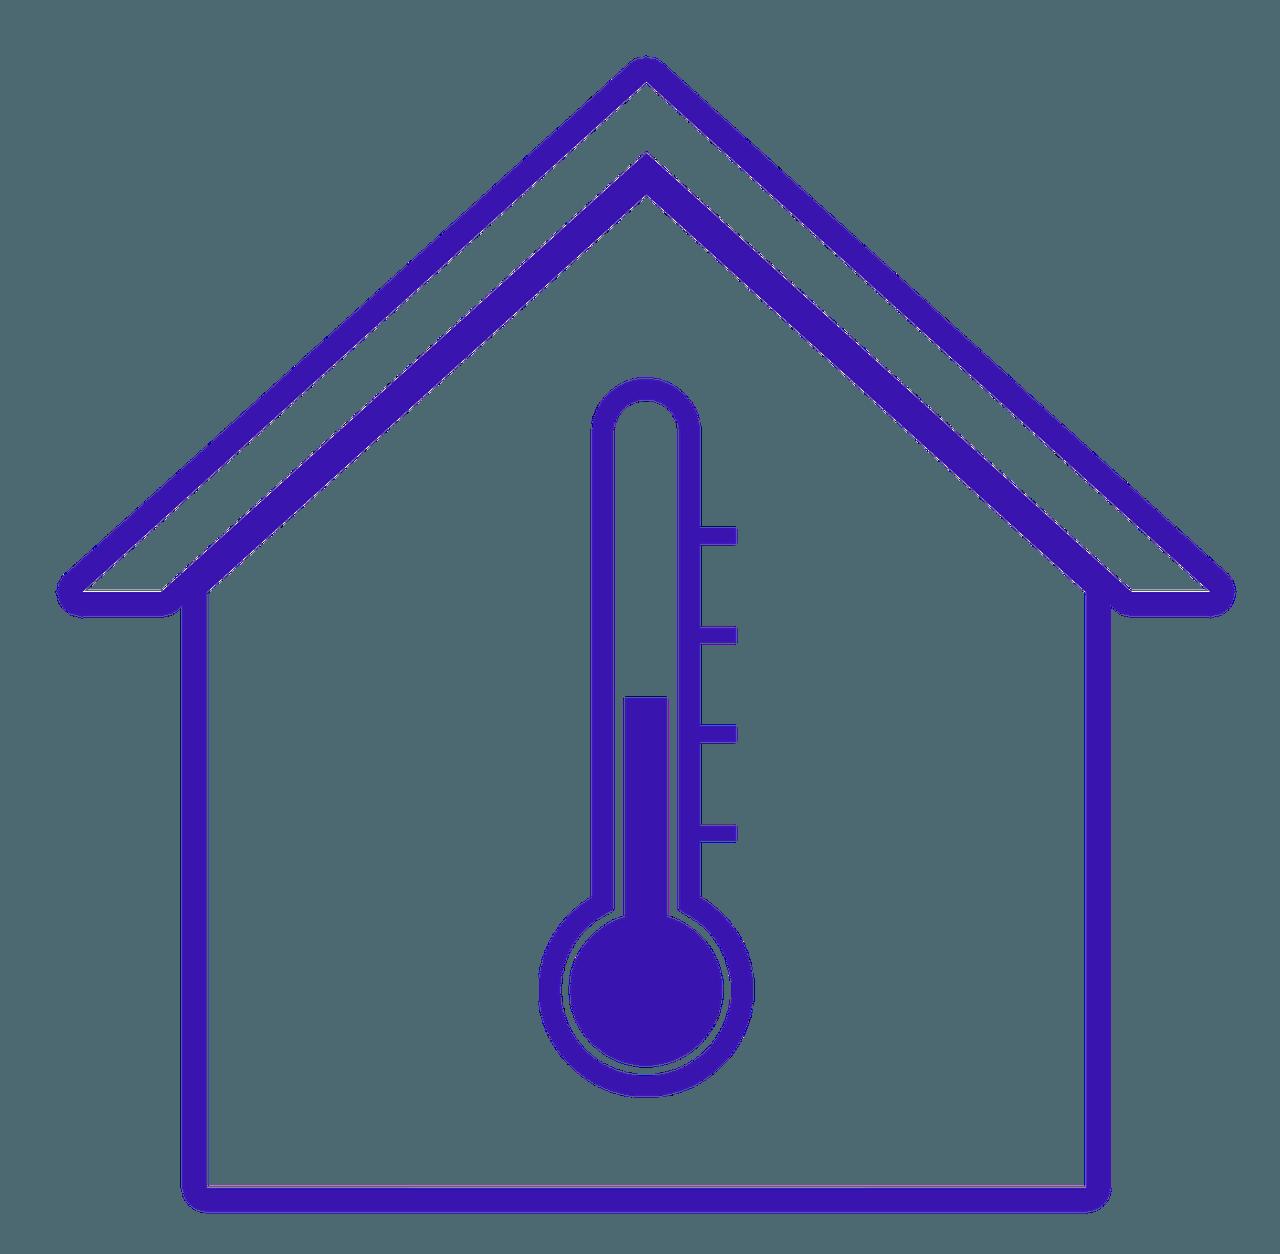 Isoliertes Haus mit angenehmer Wärme